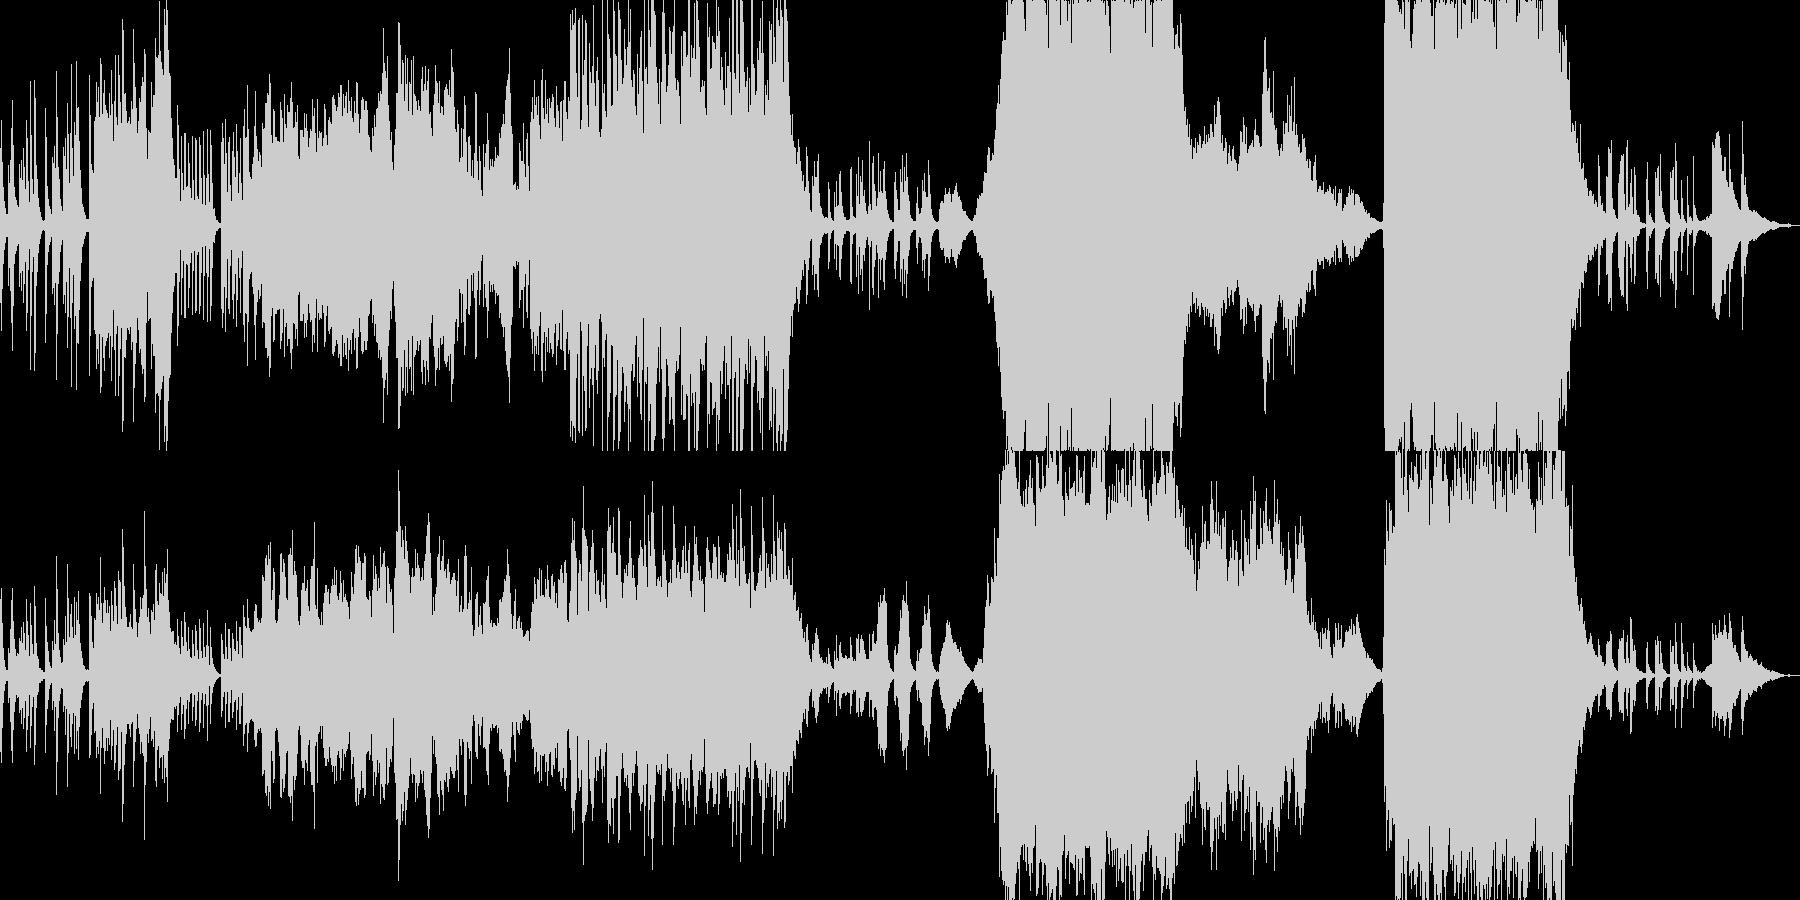 純朴で壮大なオーケストラ曲の未再生の波形